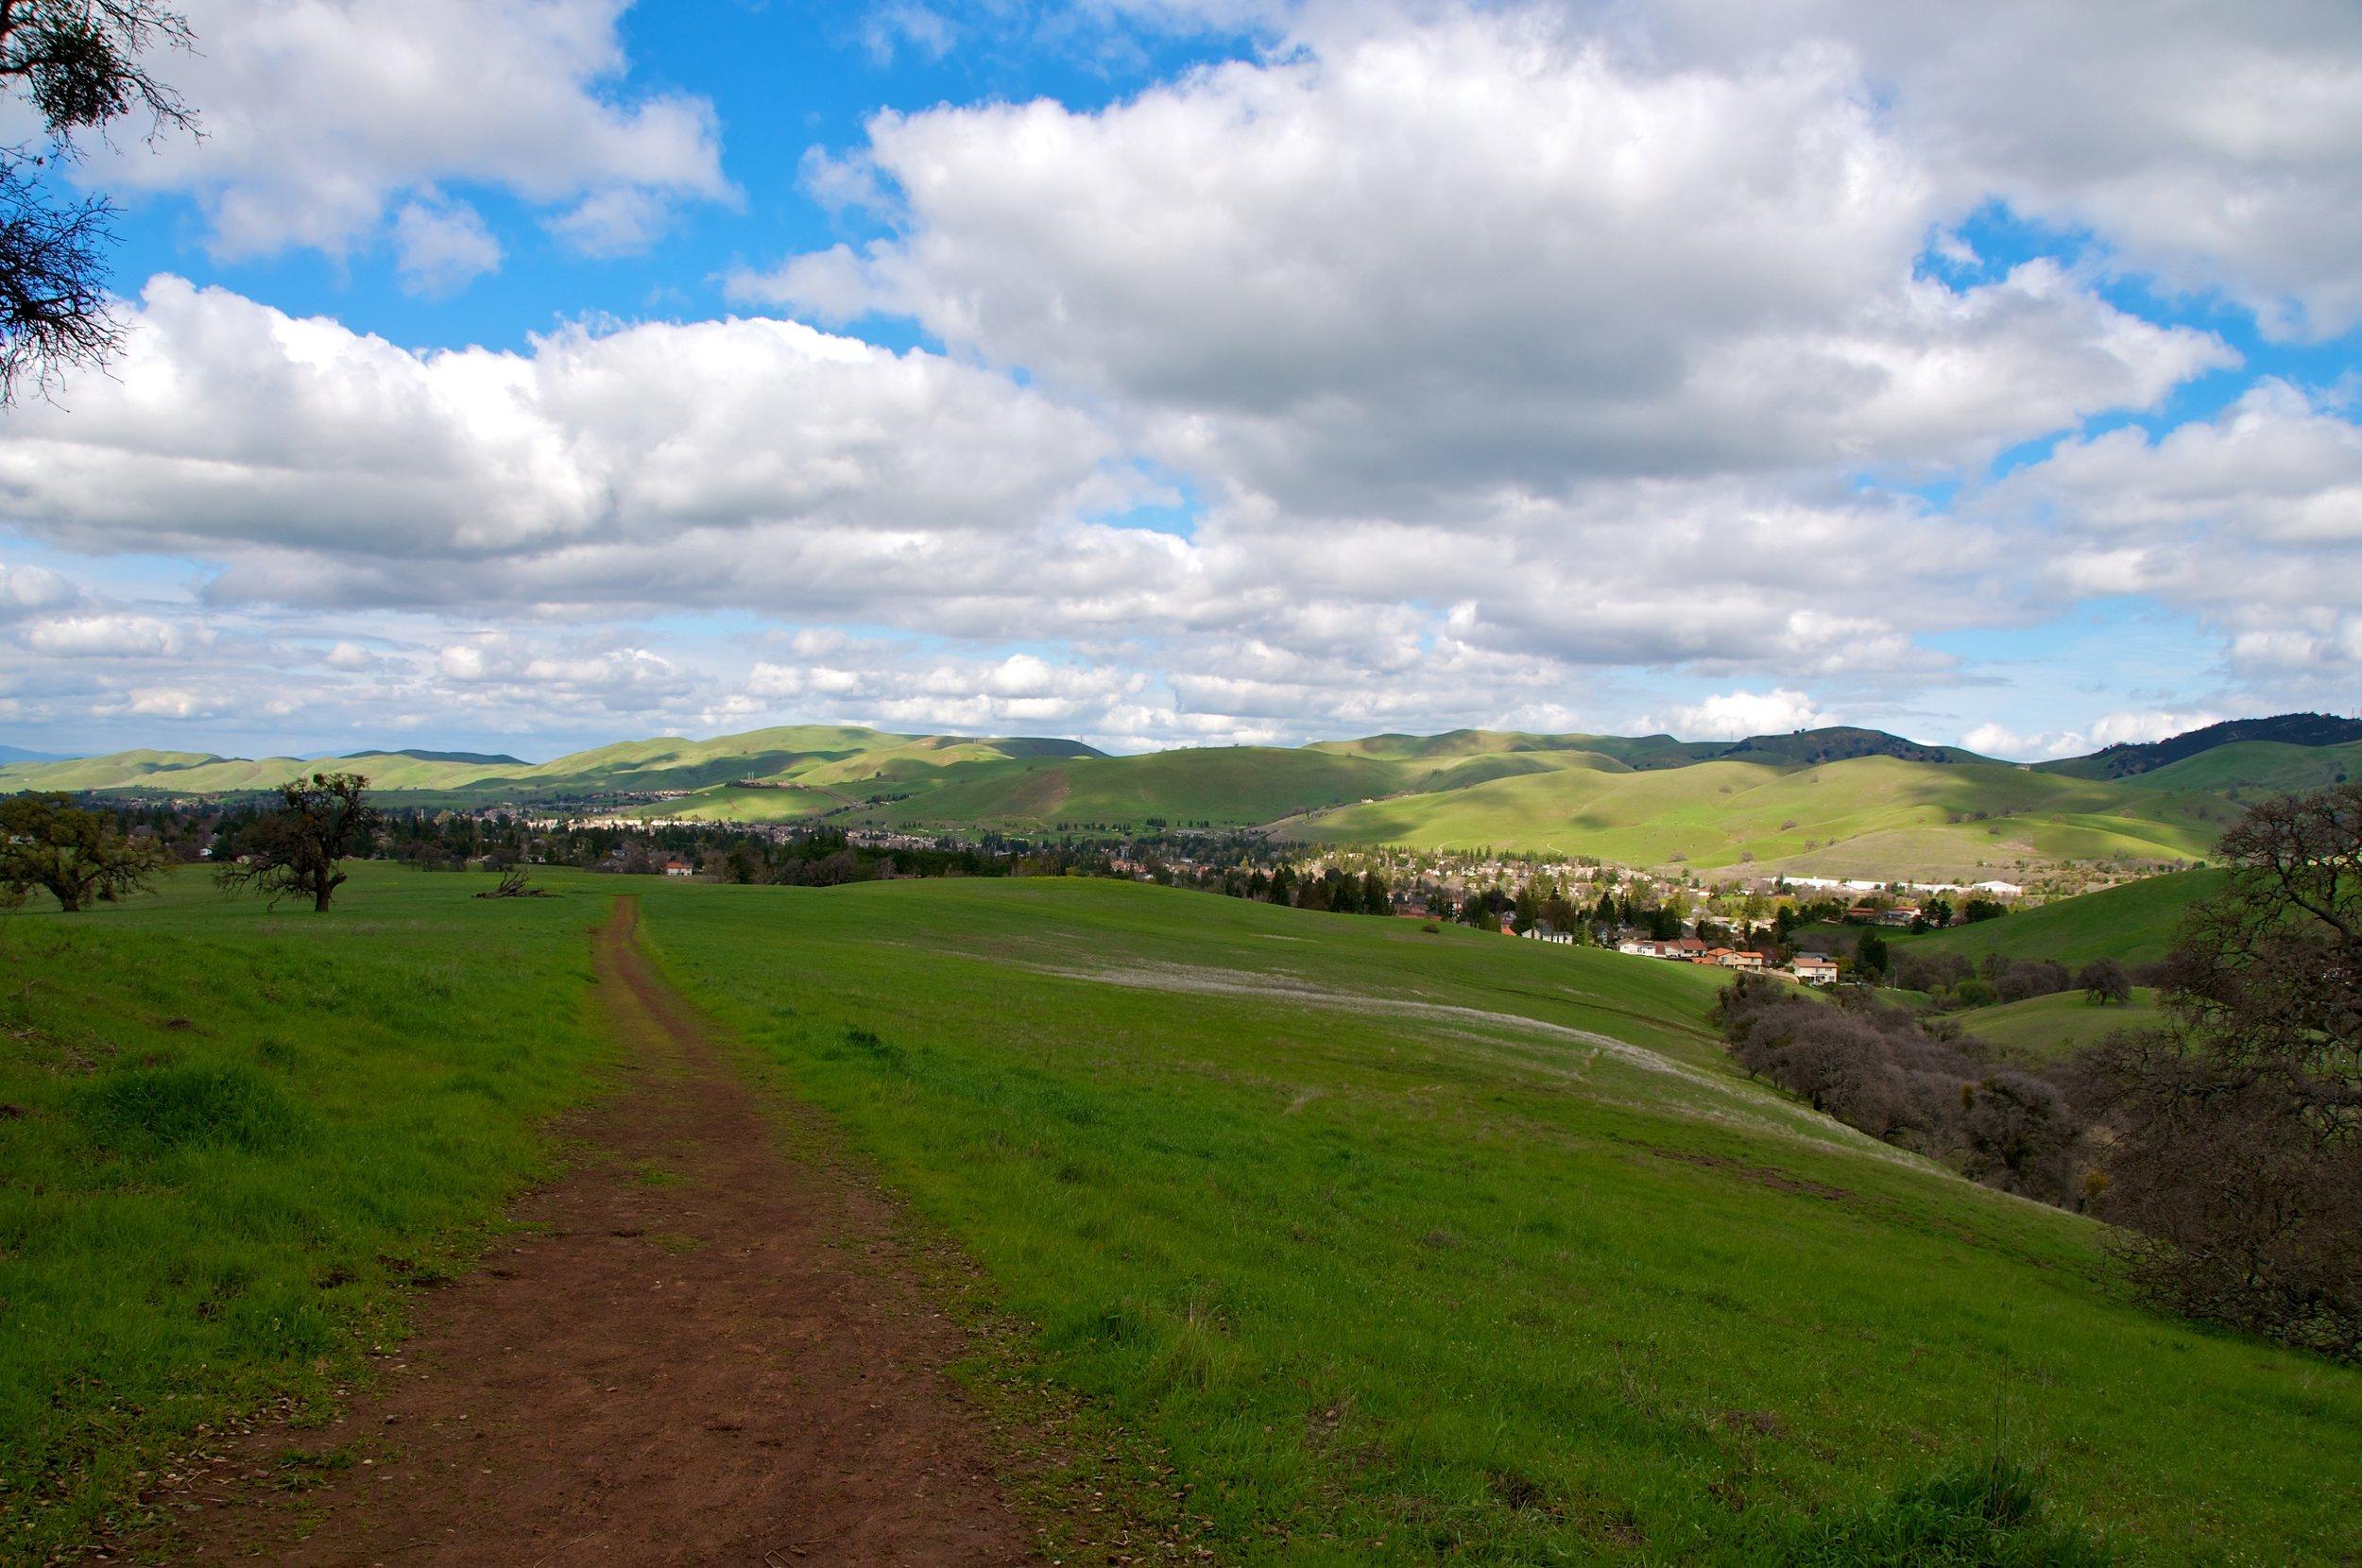 Mt. Diablo Hike 2_12_2011 - 2011-02-21 at 13-03-36.jpg